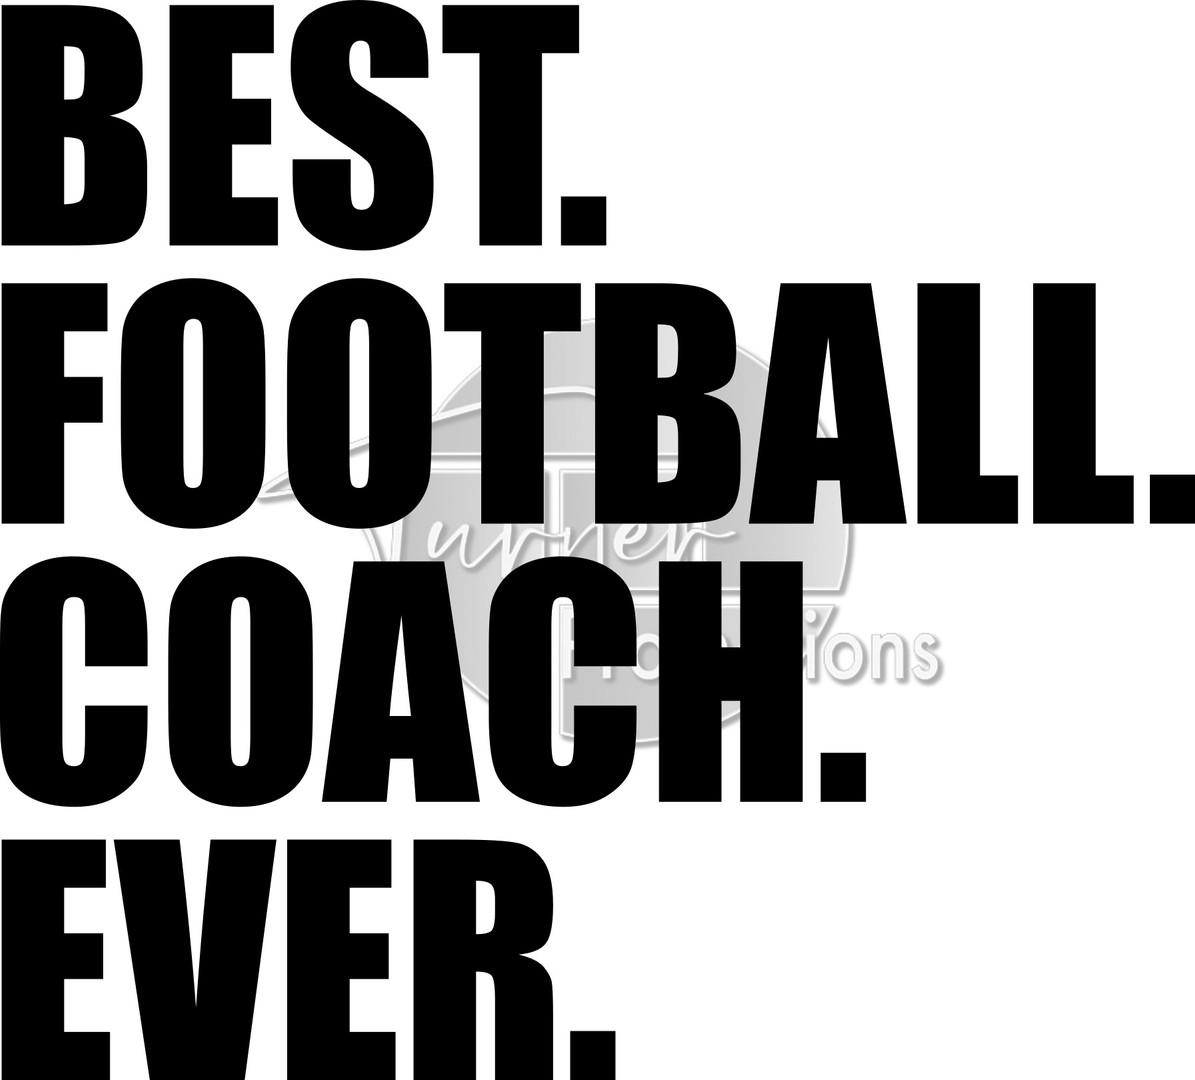 bestfootballcoachever.jpg